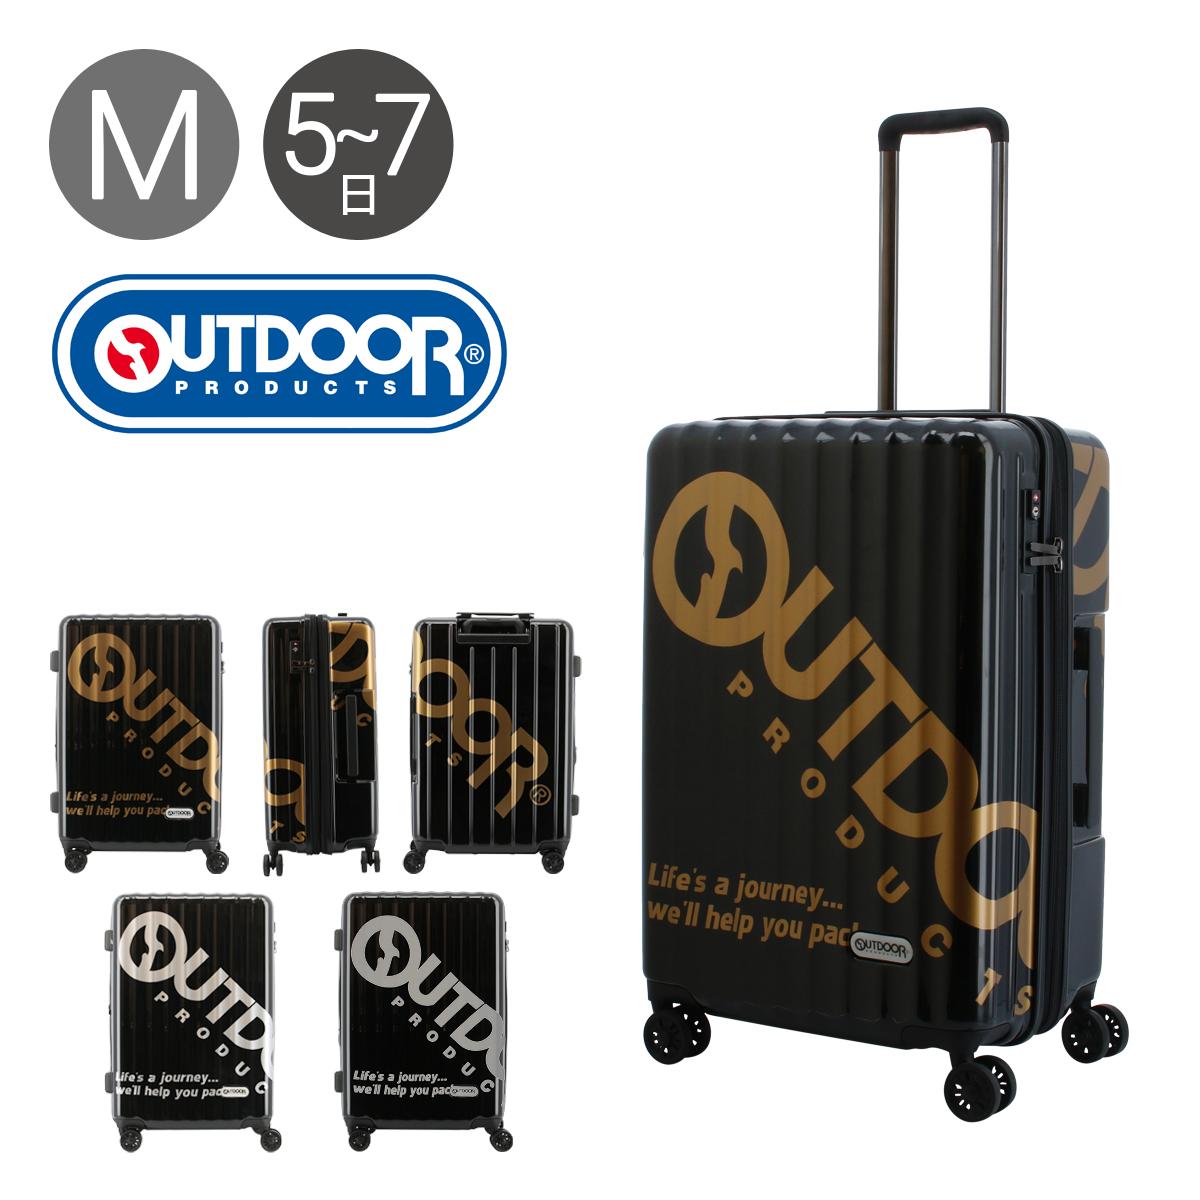 アウトドアプロダクツ スーツケース 61(71)L 60.5cm 3.8kg OD-0796-60 ハード | OUTDOOR PRODUCTS | TSAロック搭載 キャリーバッグ キャリーケース エキスパンダブル [PO5][bef]